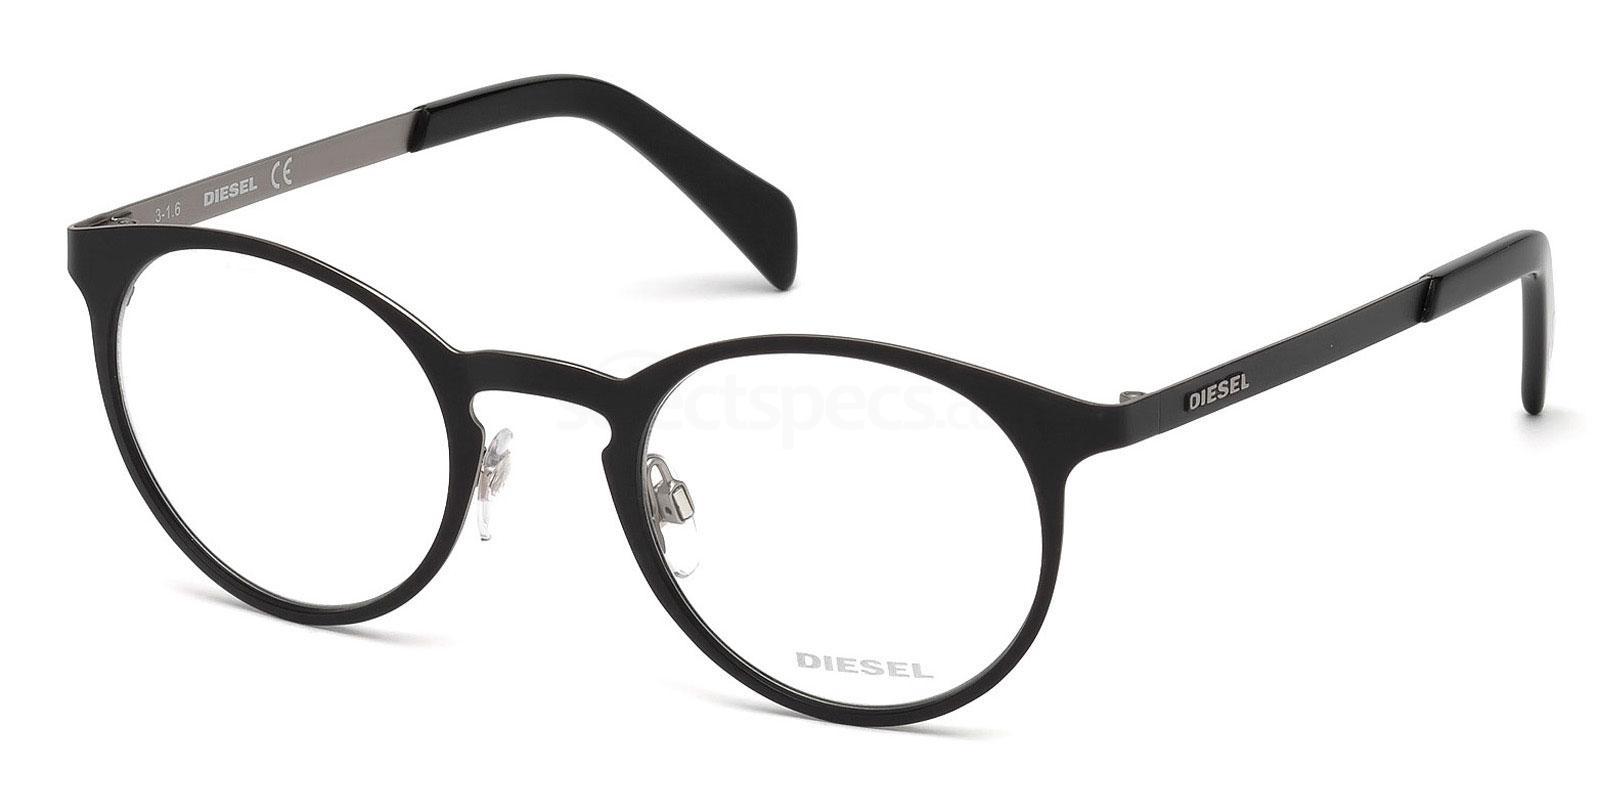 002 DL5221 Glasses, Diesel